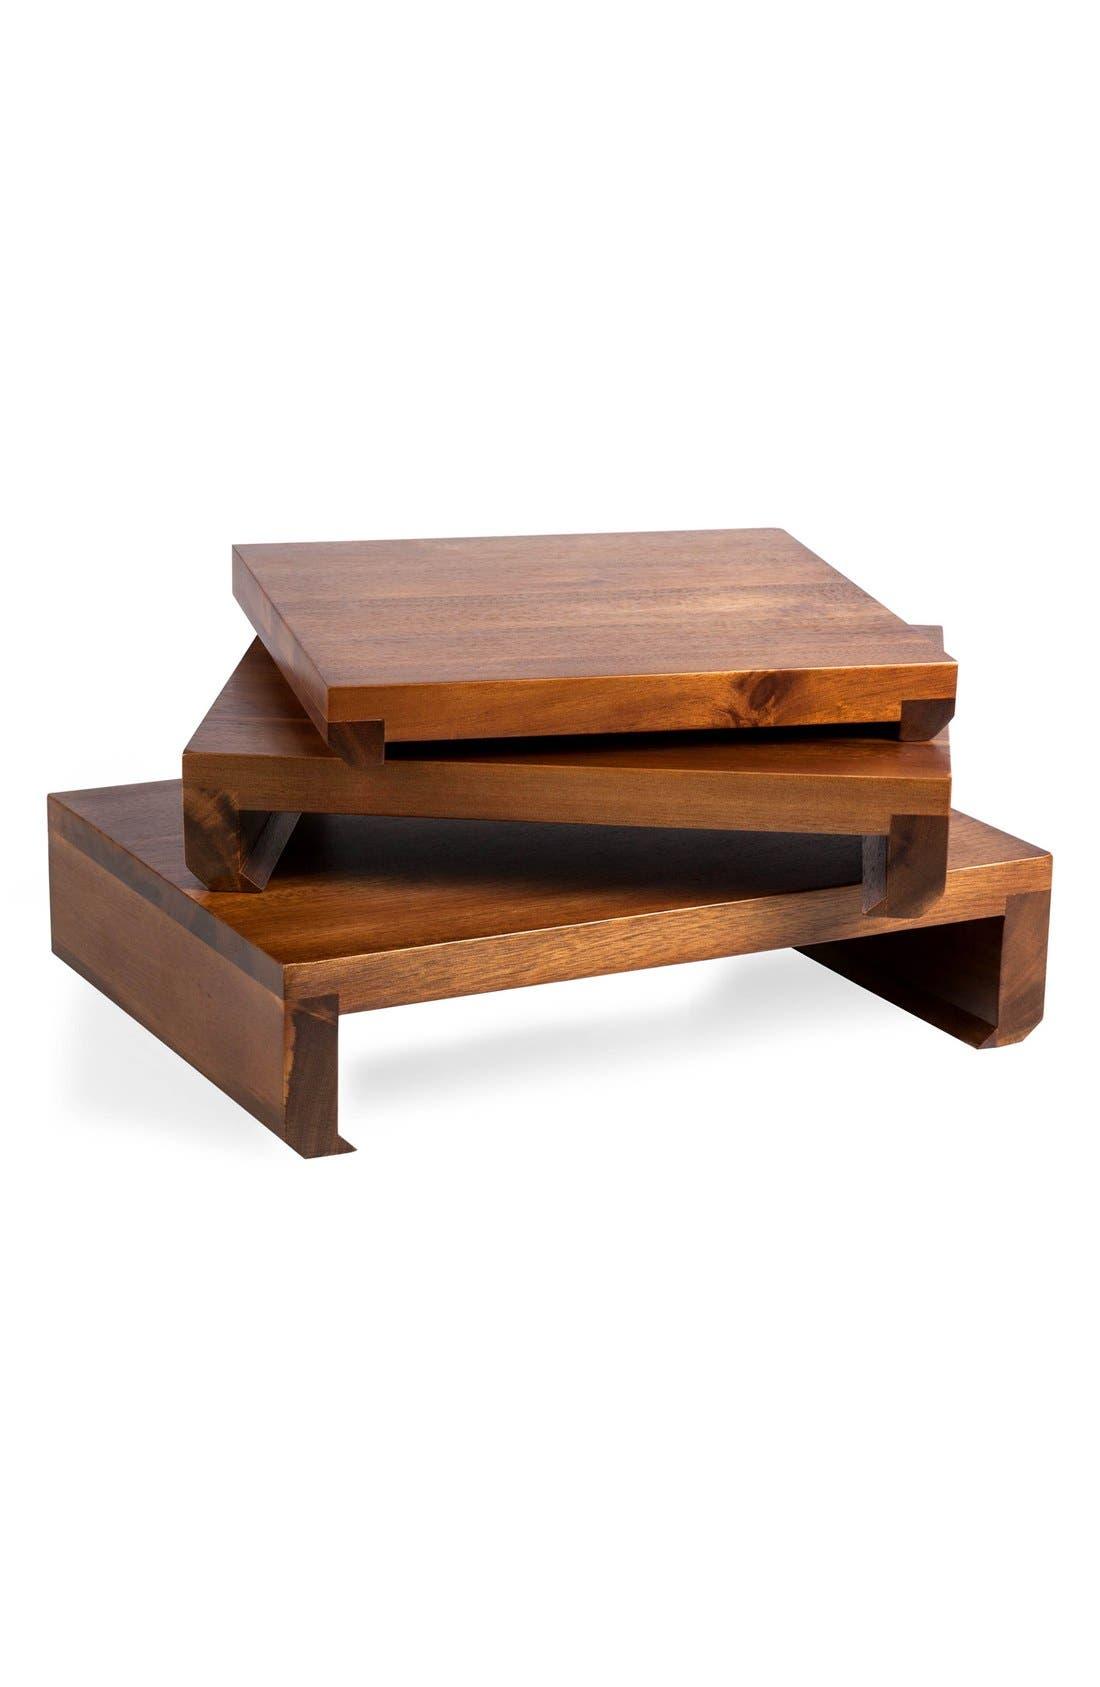 'Etage' Wood Serving Pedestals,                             Main thumbnail 1, color,                             200